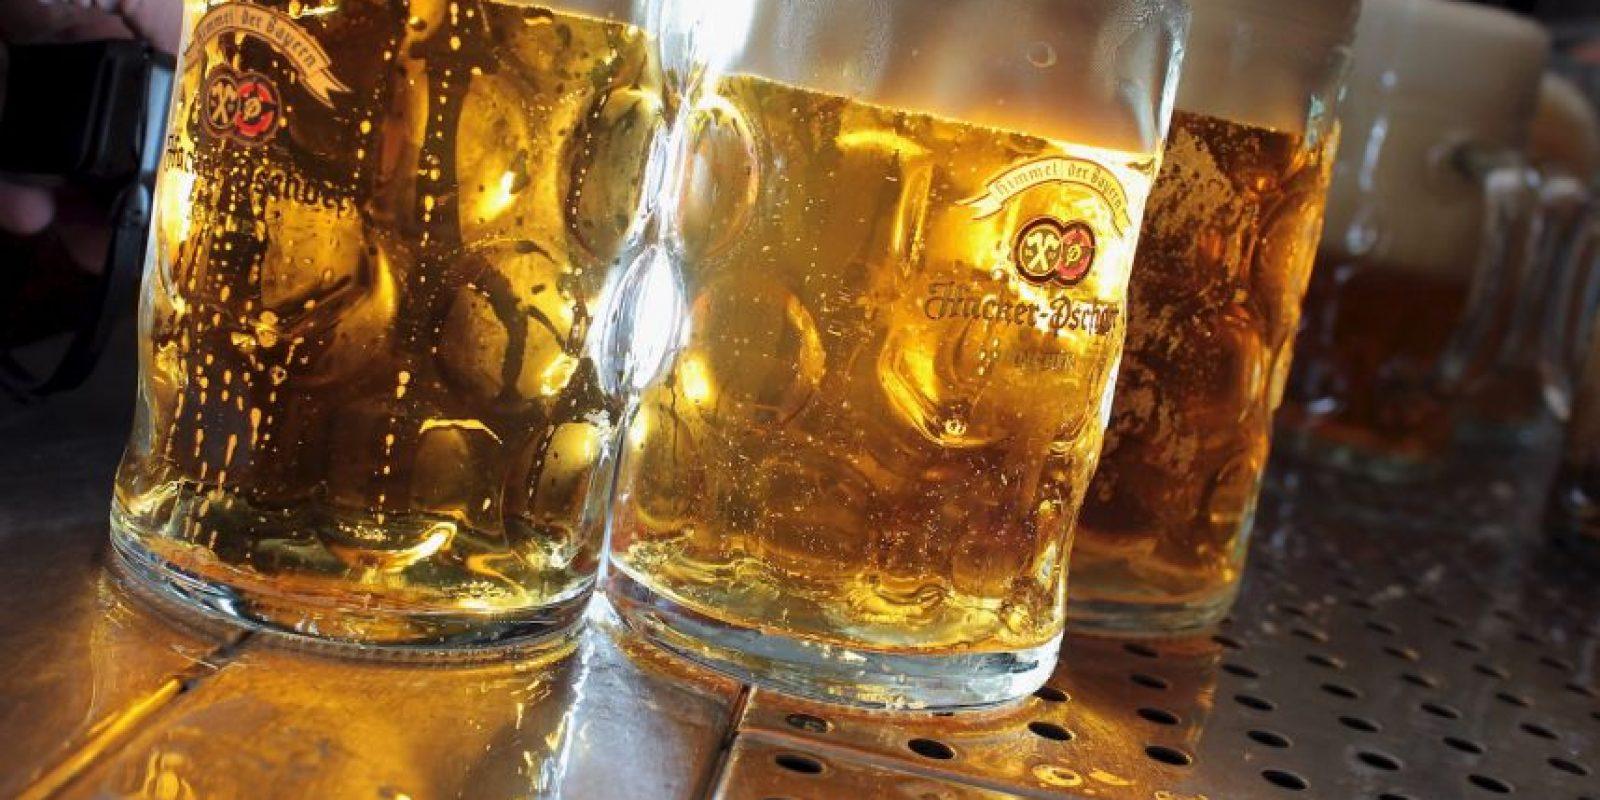 8. Beber en exceso aumenta el ritmo cardiaco. Foto:Getty Images